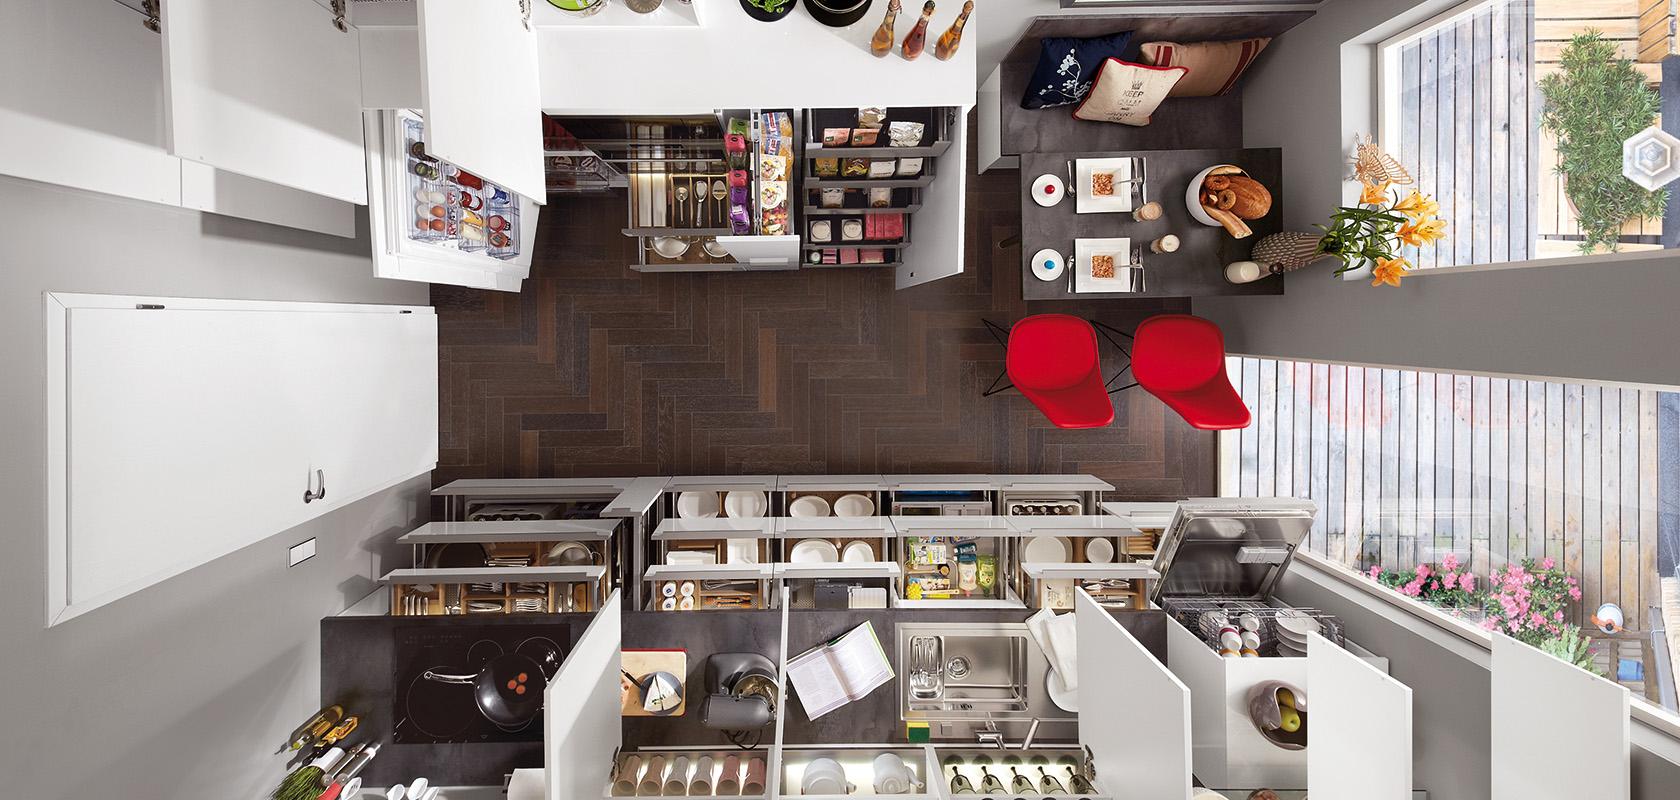 Full Size of Nobilia Eckschrank Unser Stauraumwunder Kchen Küche Bad Einbauküche Schlafzimmer Wohnzimmer Nobilia Eckschrank